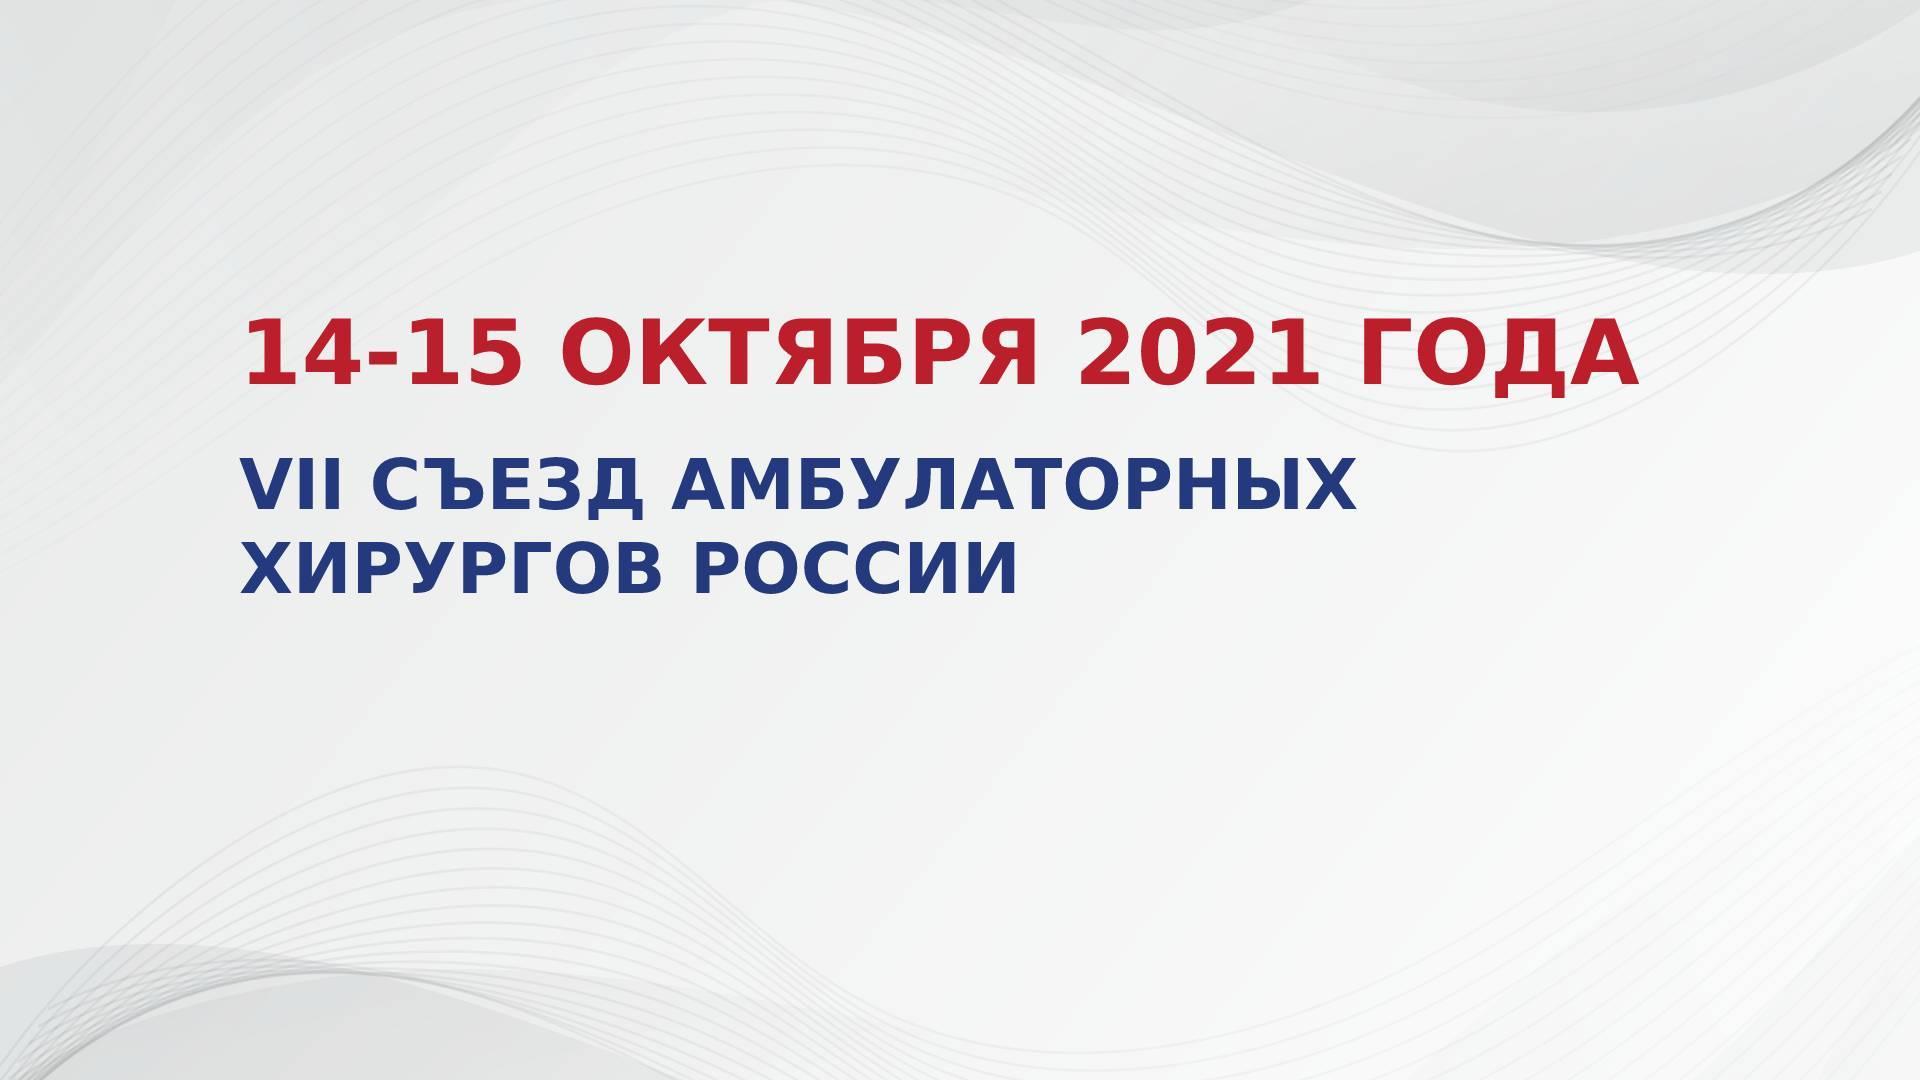 Сегодня и завтра в прямом эфире! VII Съезд амбулаторных хирургов России